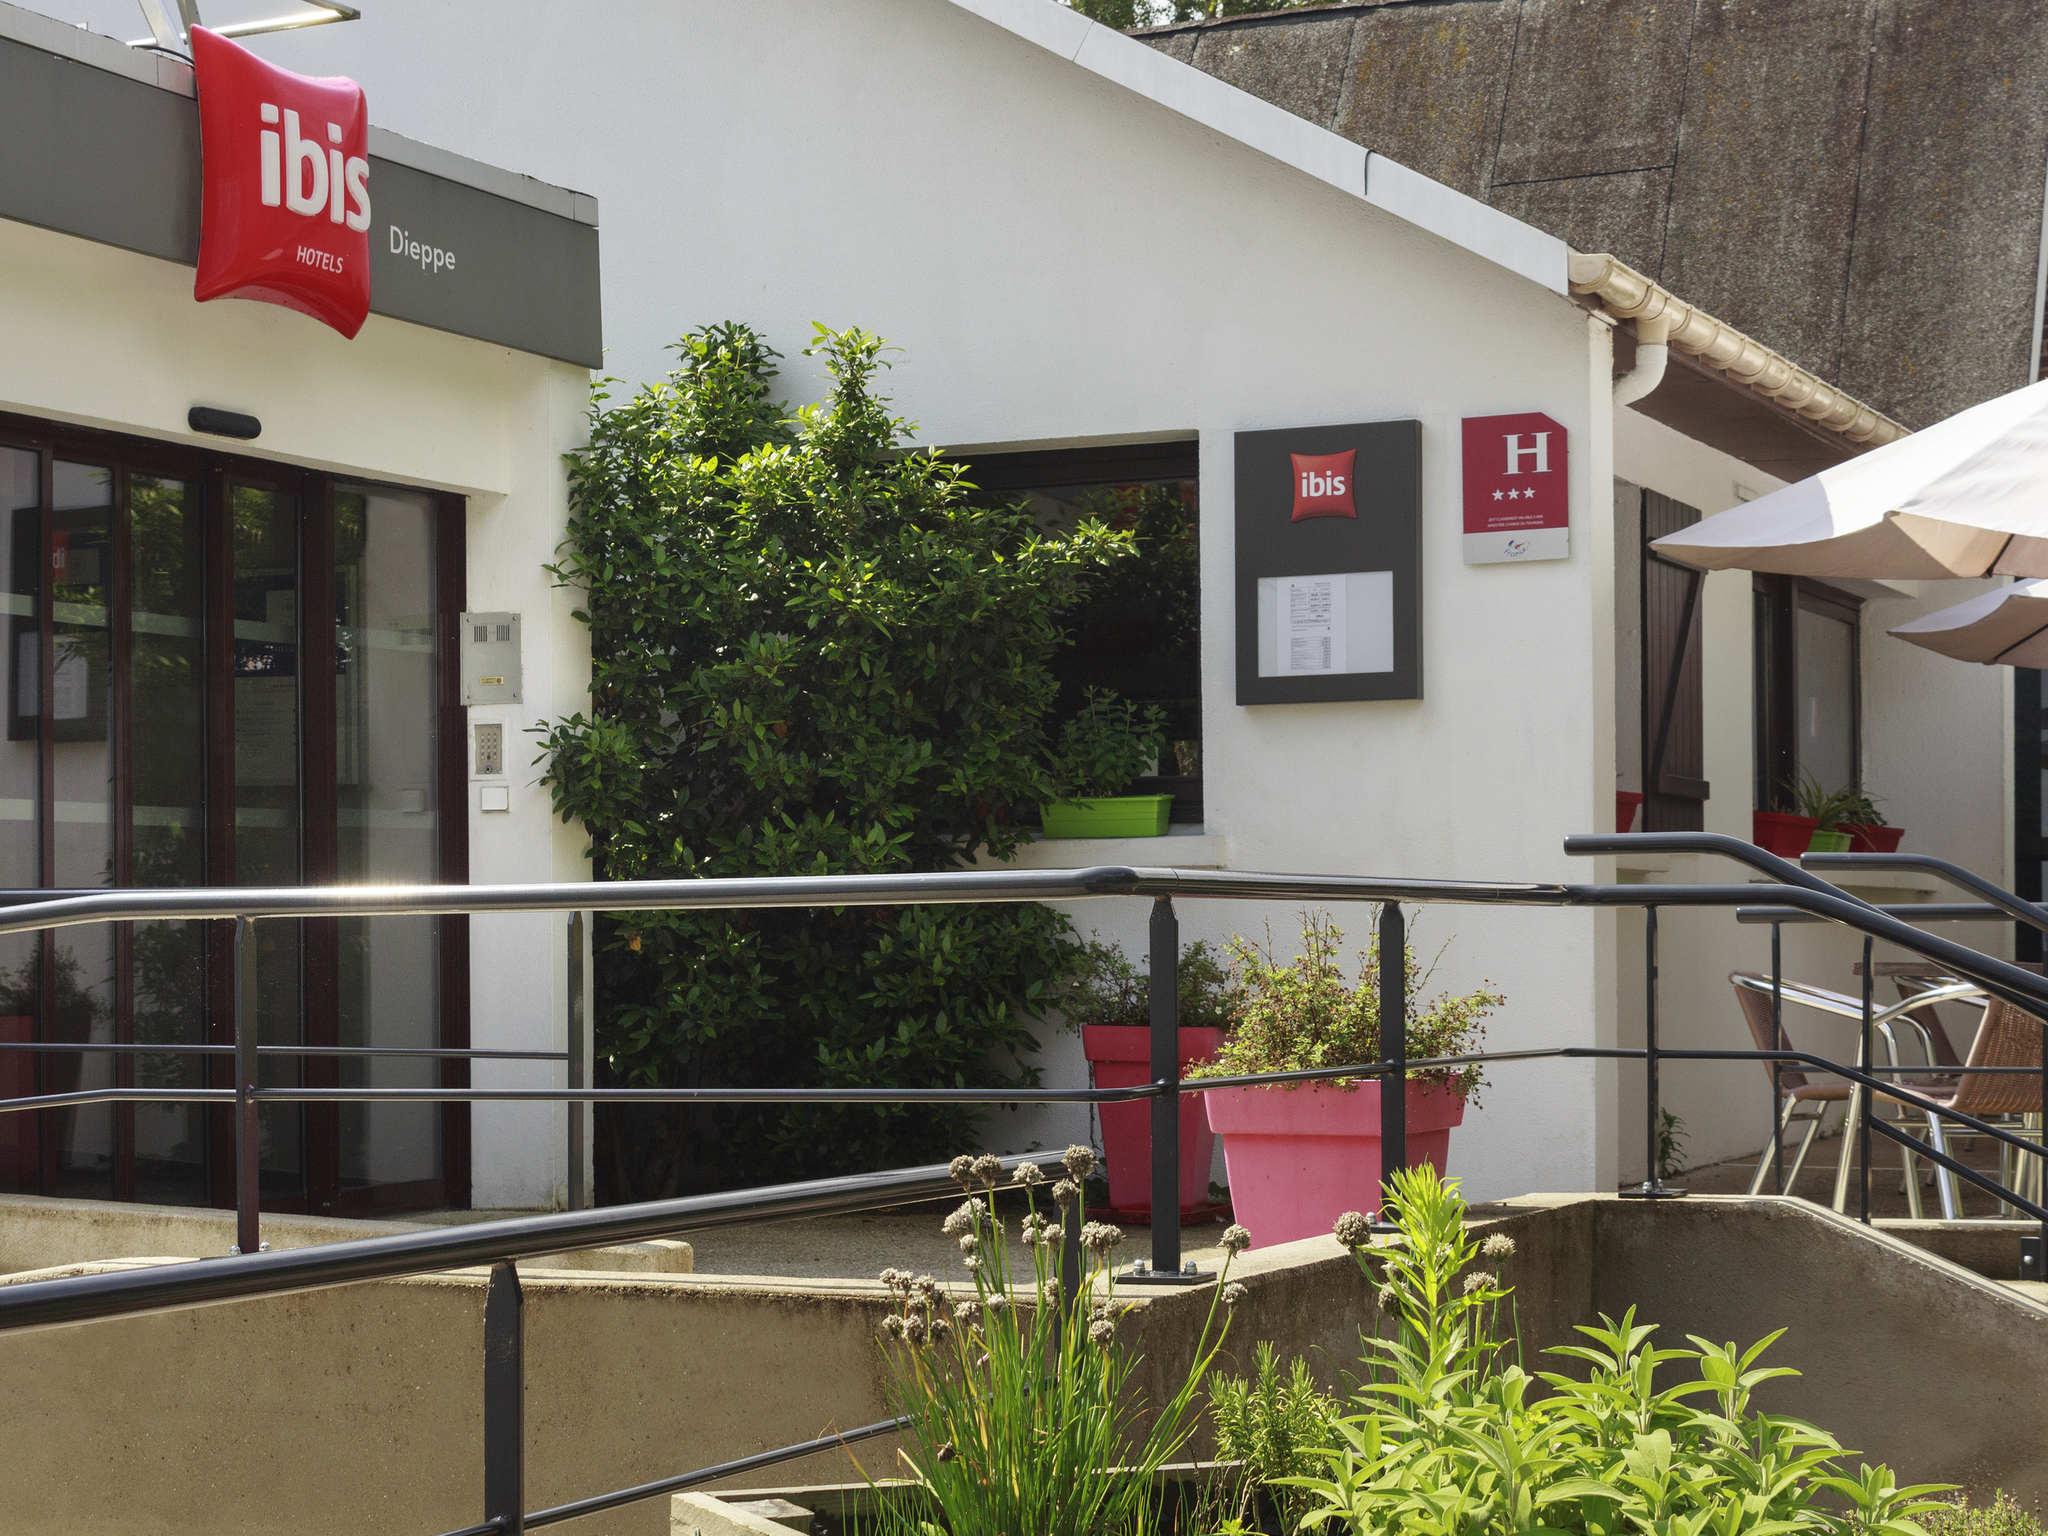 酒店 – 宜必思迪耶普德吕埃尔谷酒店